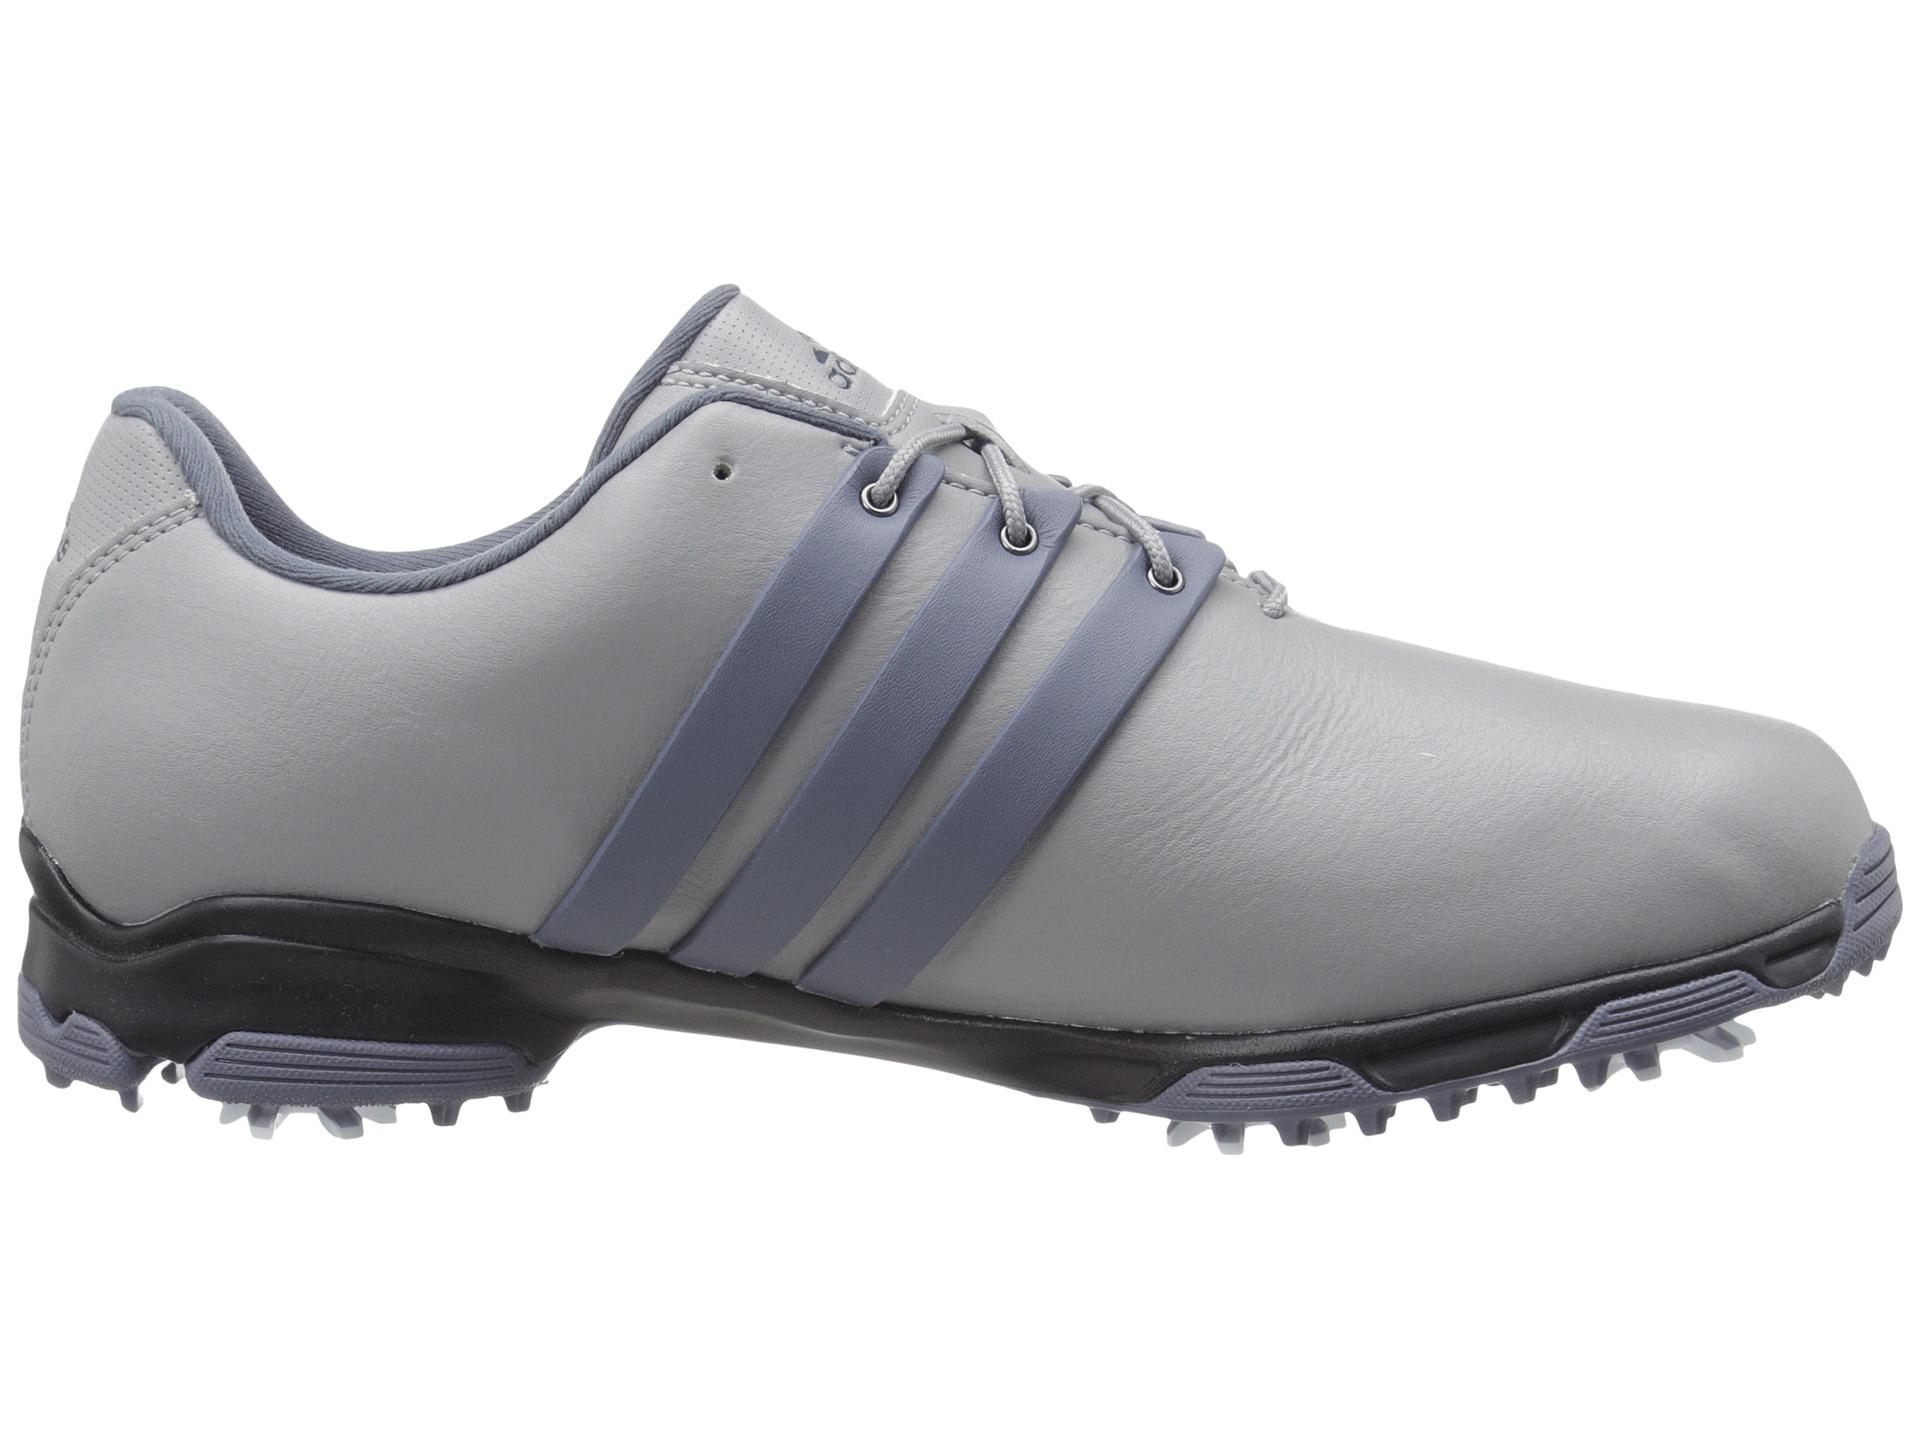 lyst adidas originali puro trx in grigio per gli uomini.